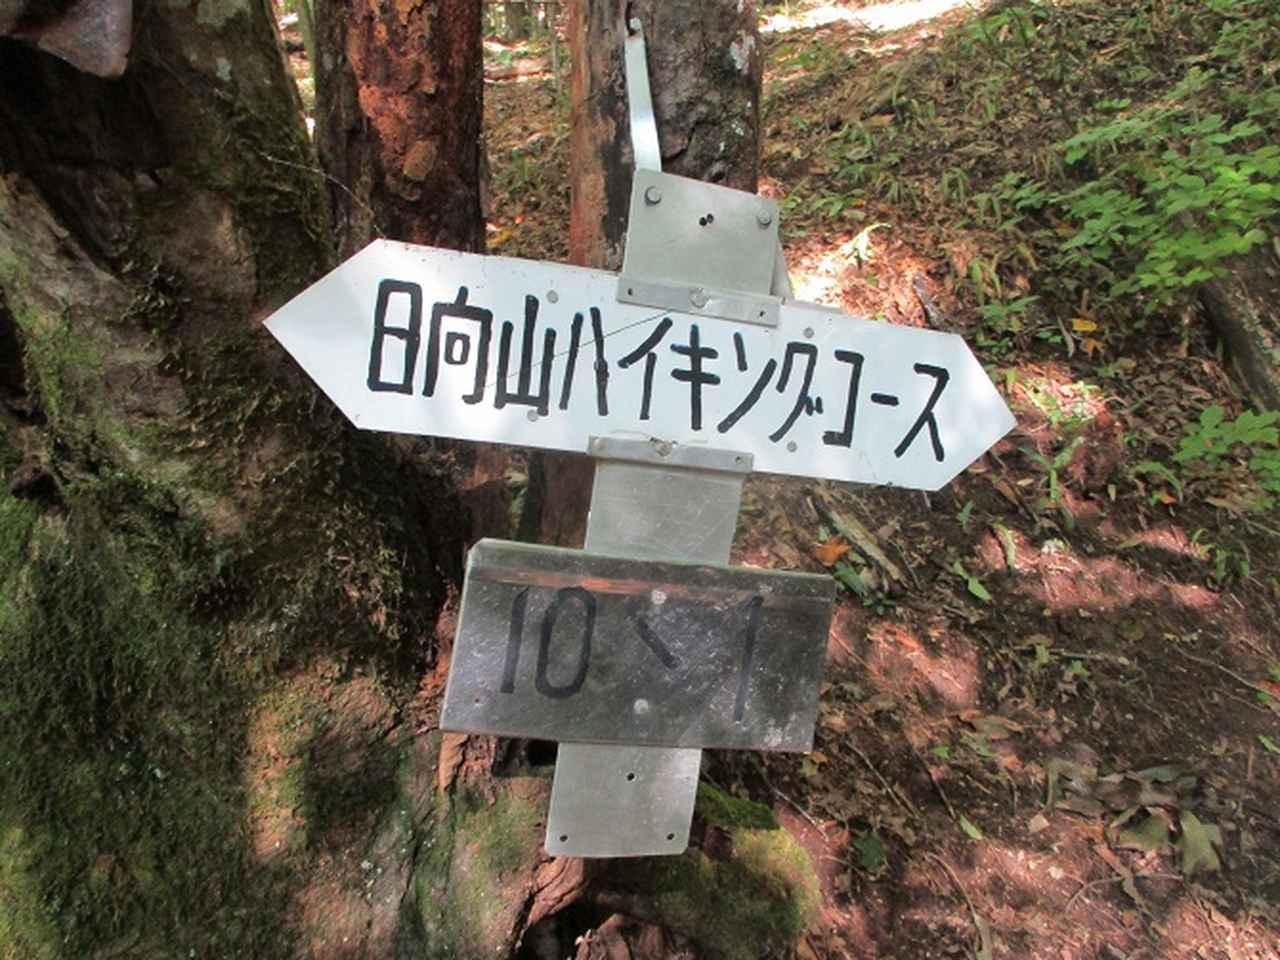 画像2: 10月の山旅会 「日向山」 の下見に行ってきました!